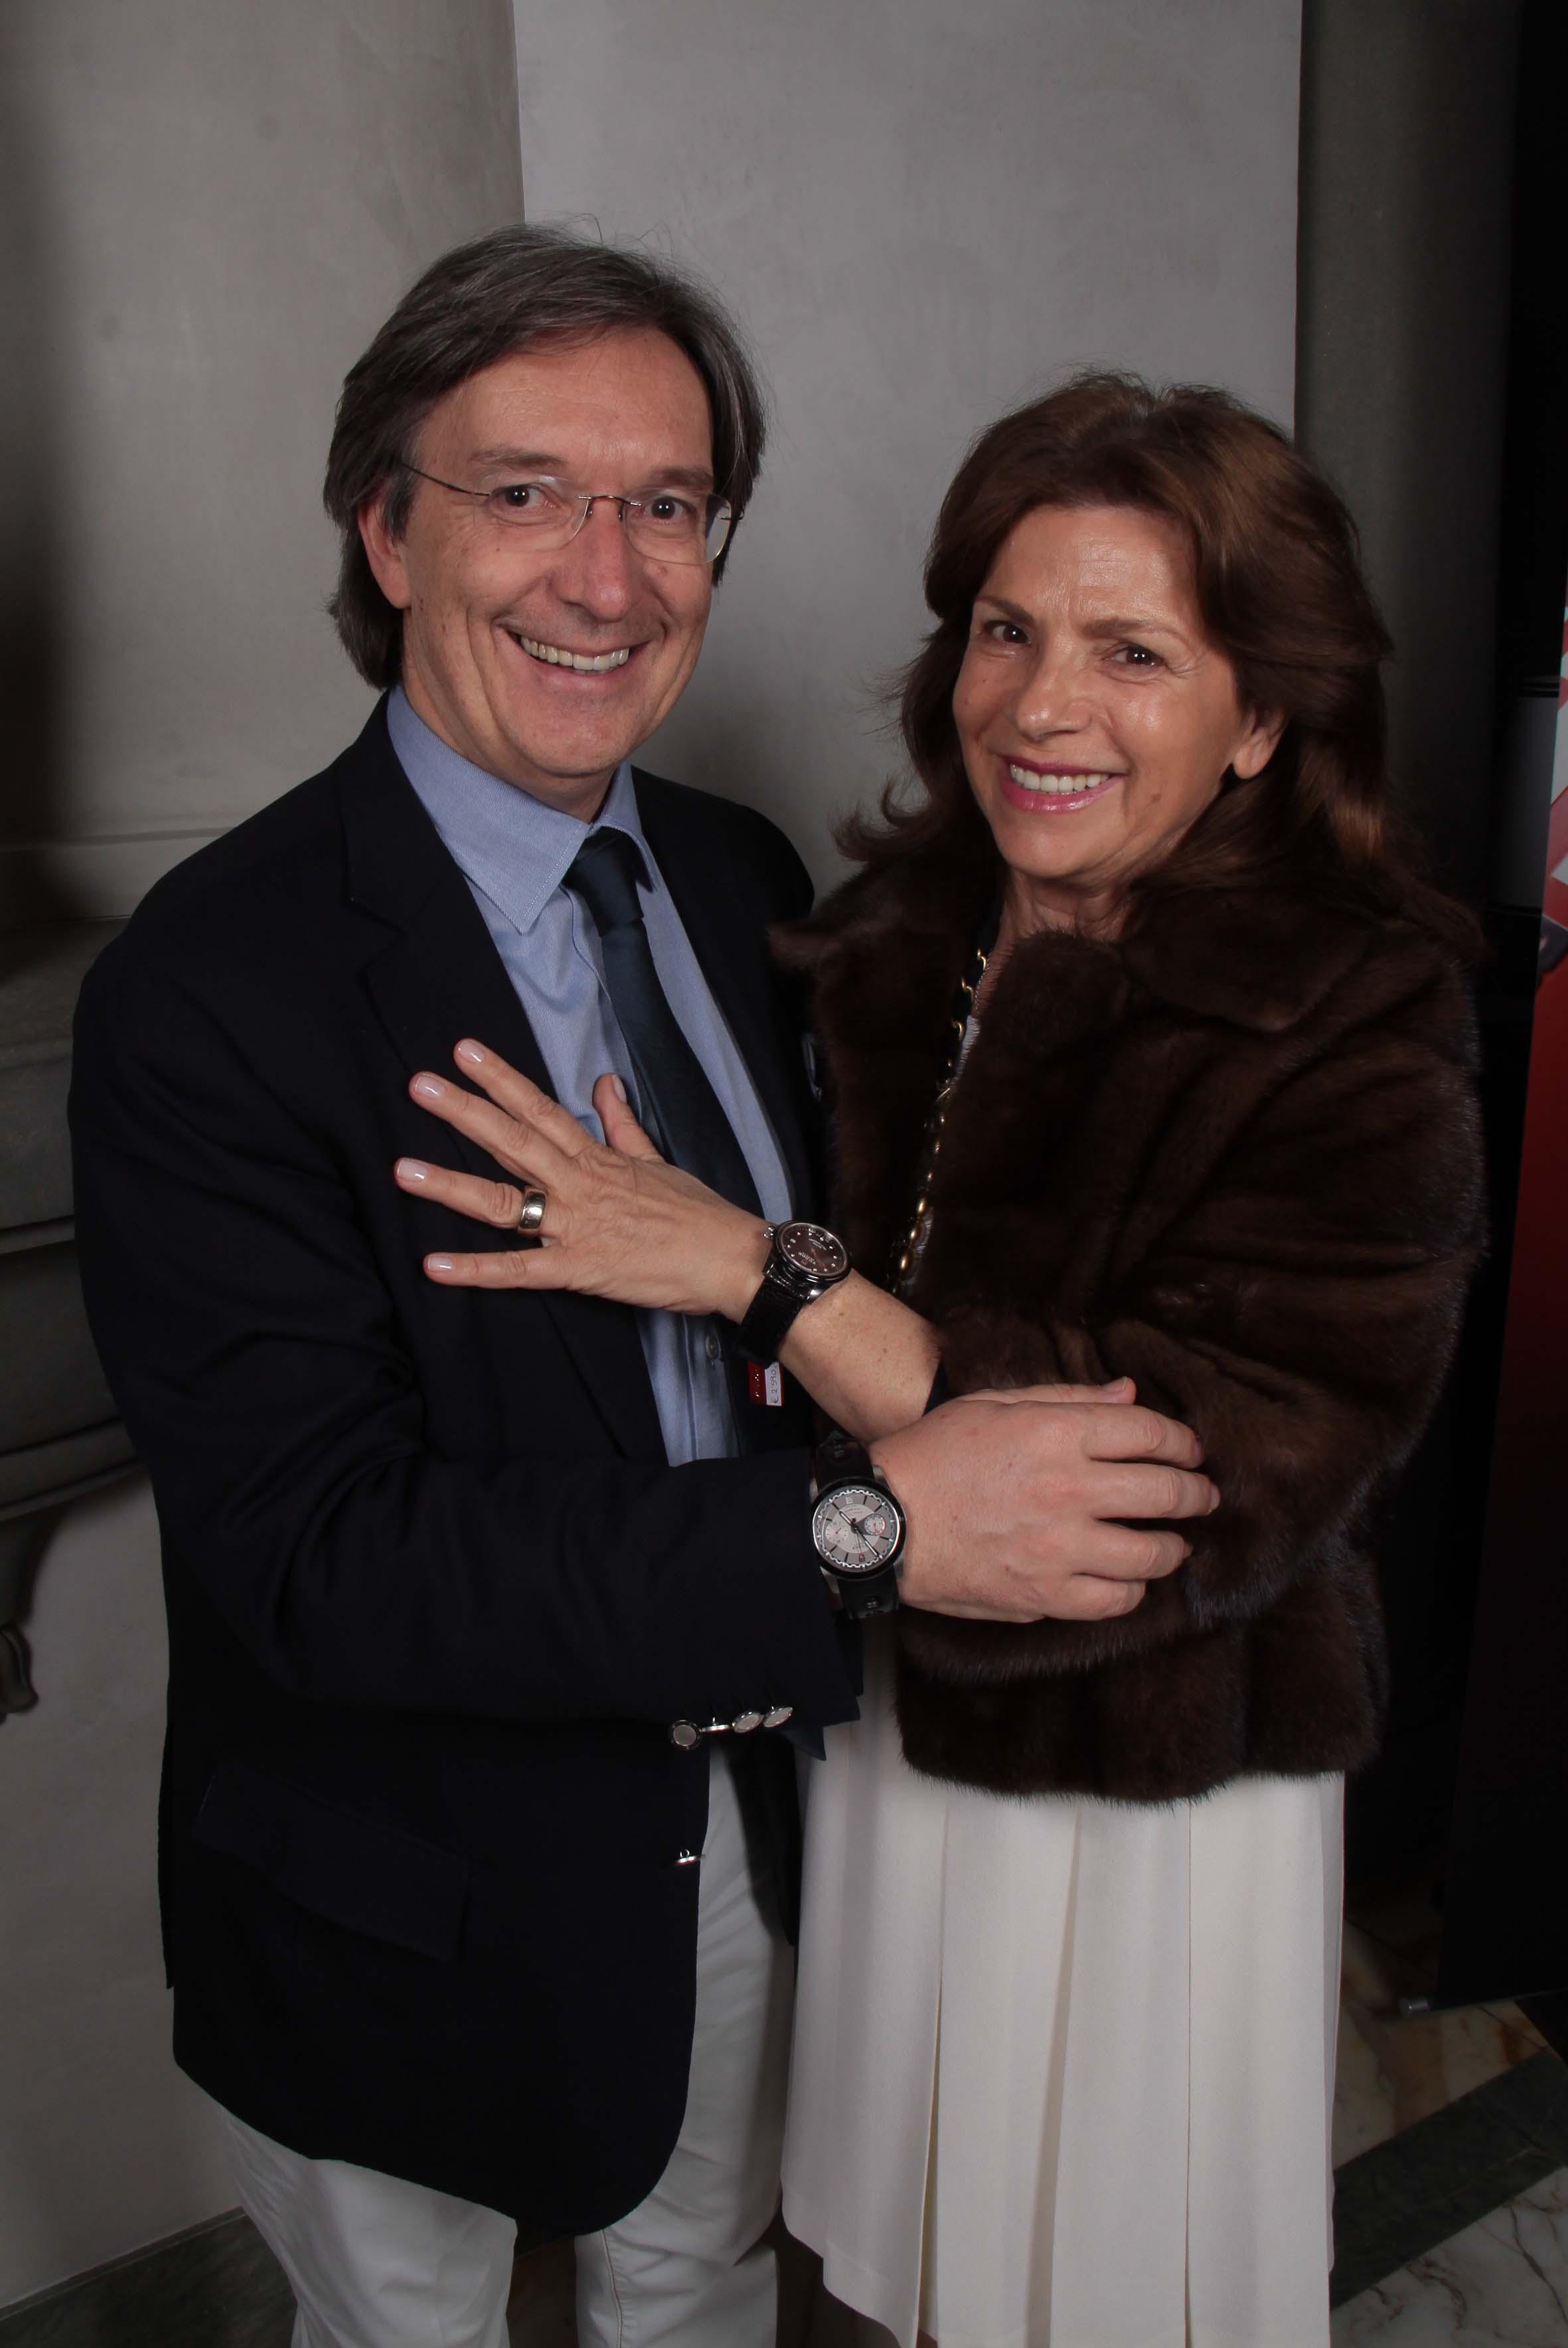 pressphoto-Firenze Serata per la presentazione della Rivista Firenze Made In Tuscany  son Tudor  Dr. Paolo Vranjes